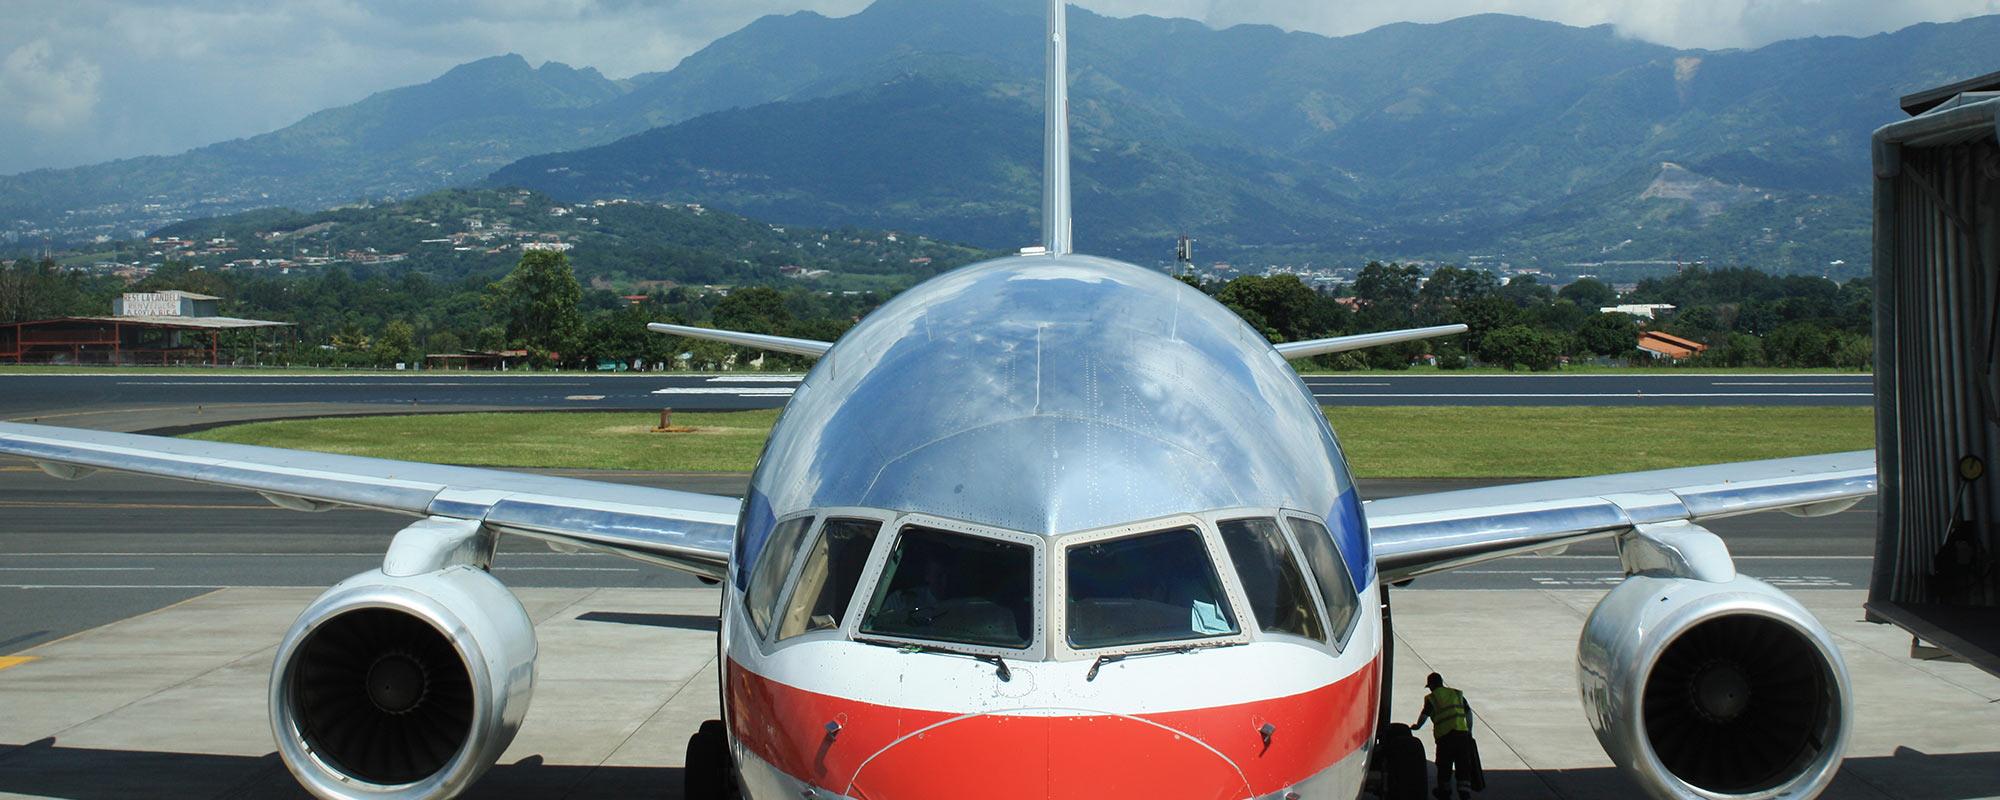 airplane landing in San Jose